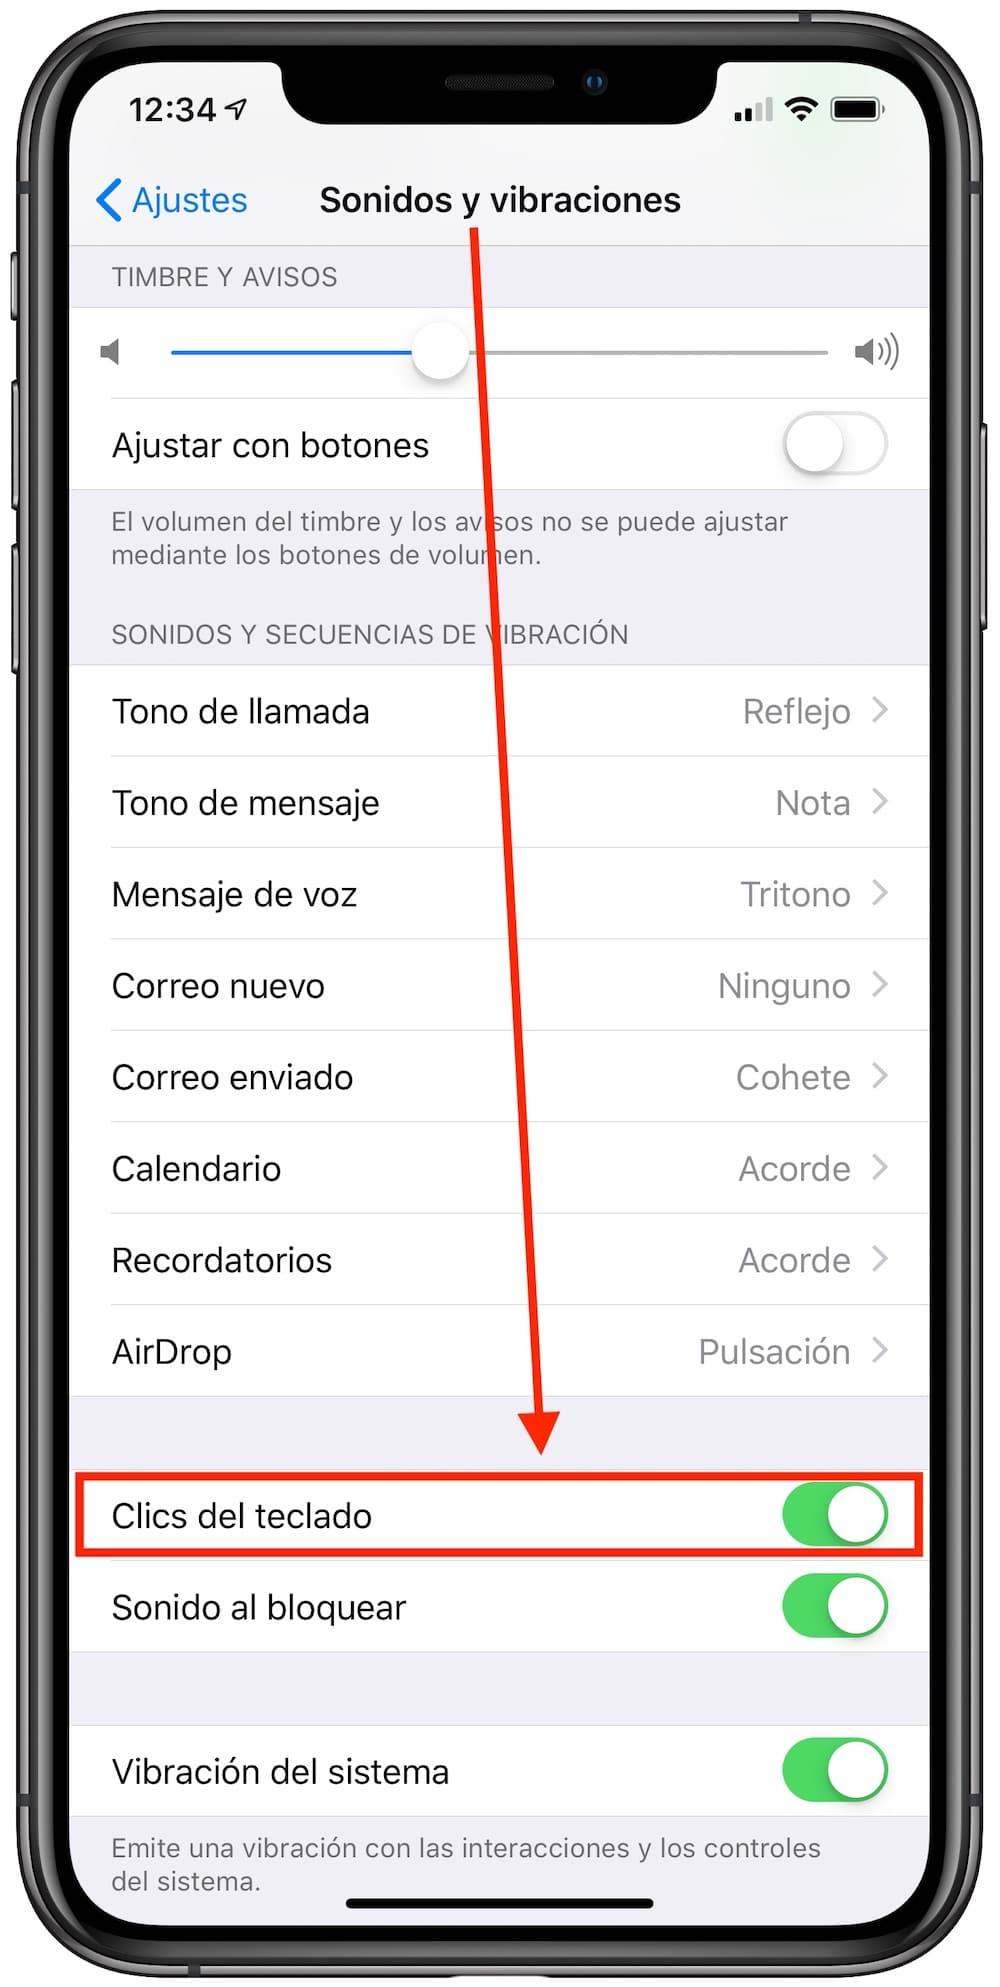 clics del teclado en iphone